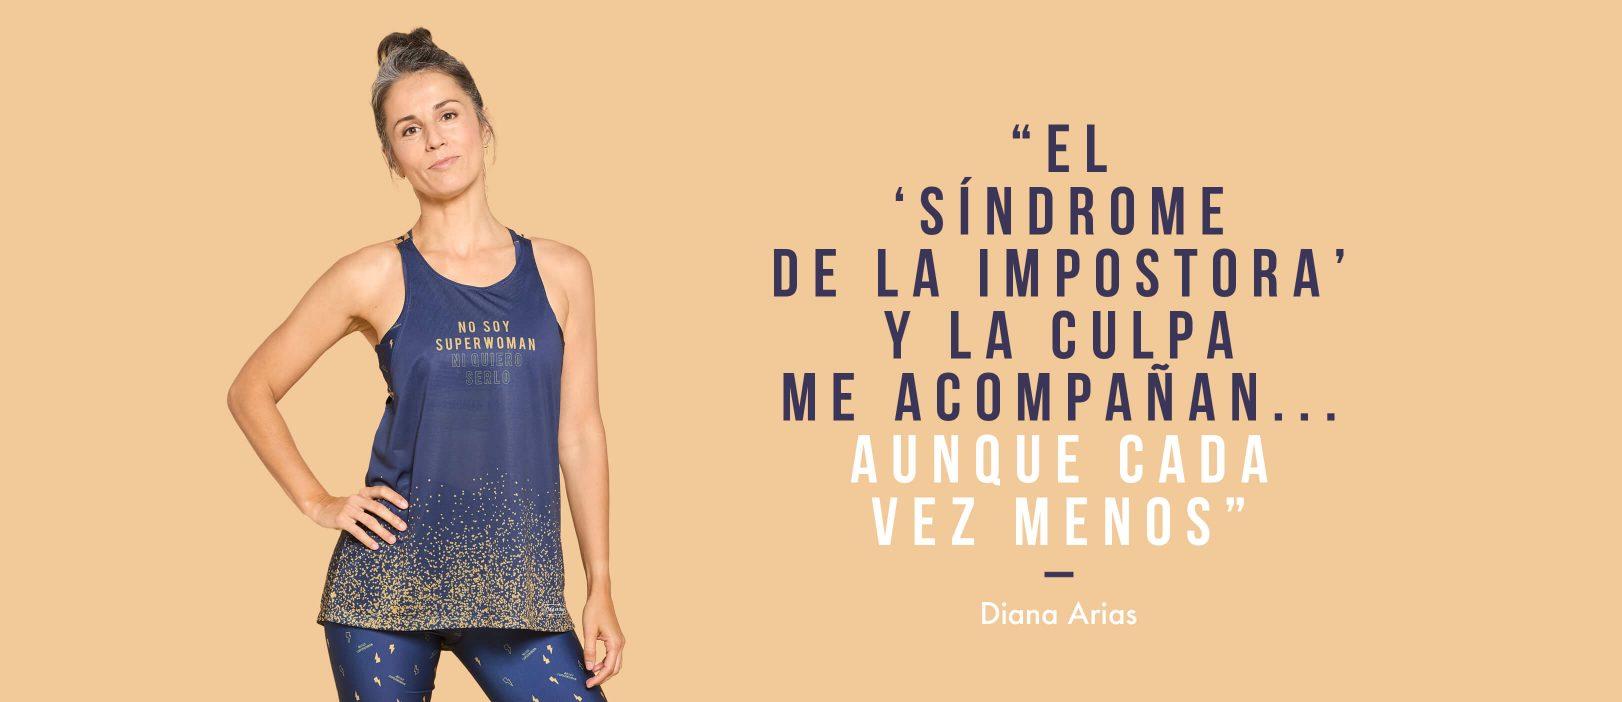 Historia de Diana